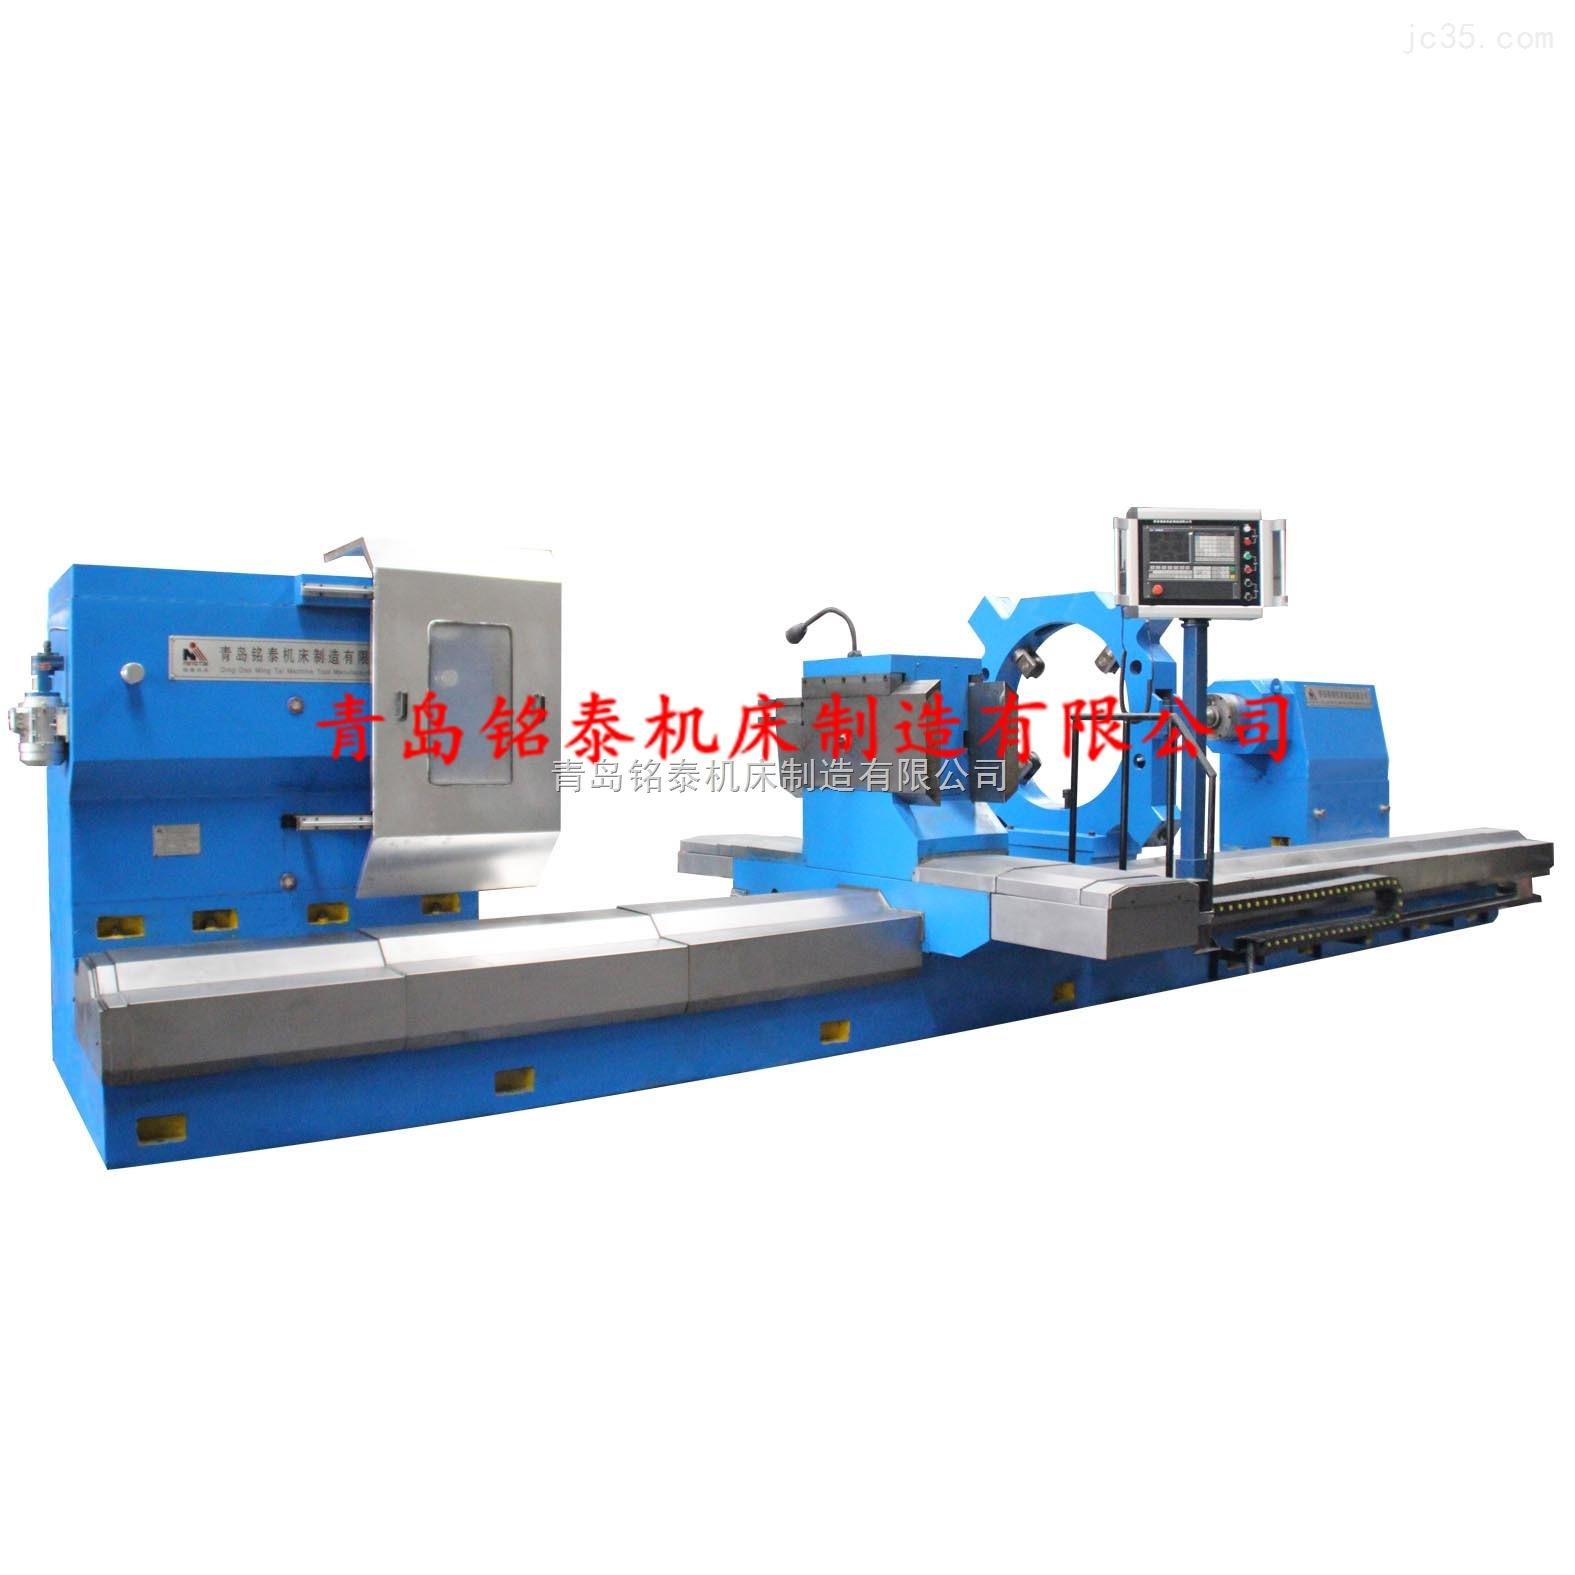 数控轧辊车床CK84100(轧辊车床生产厂)